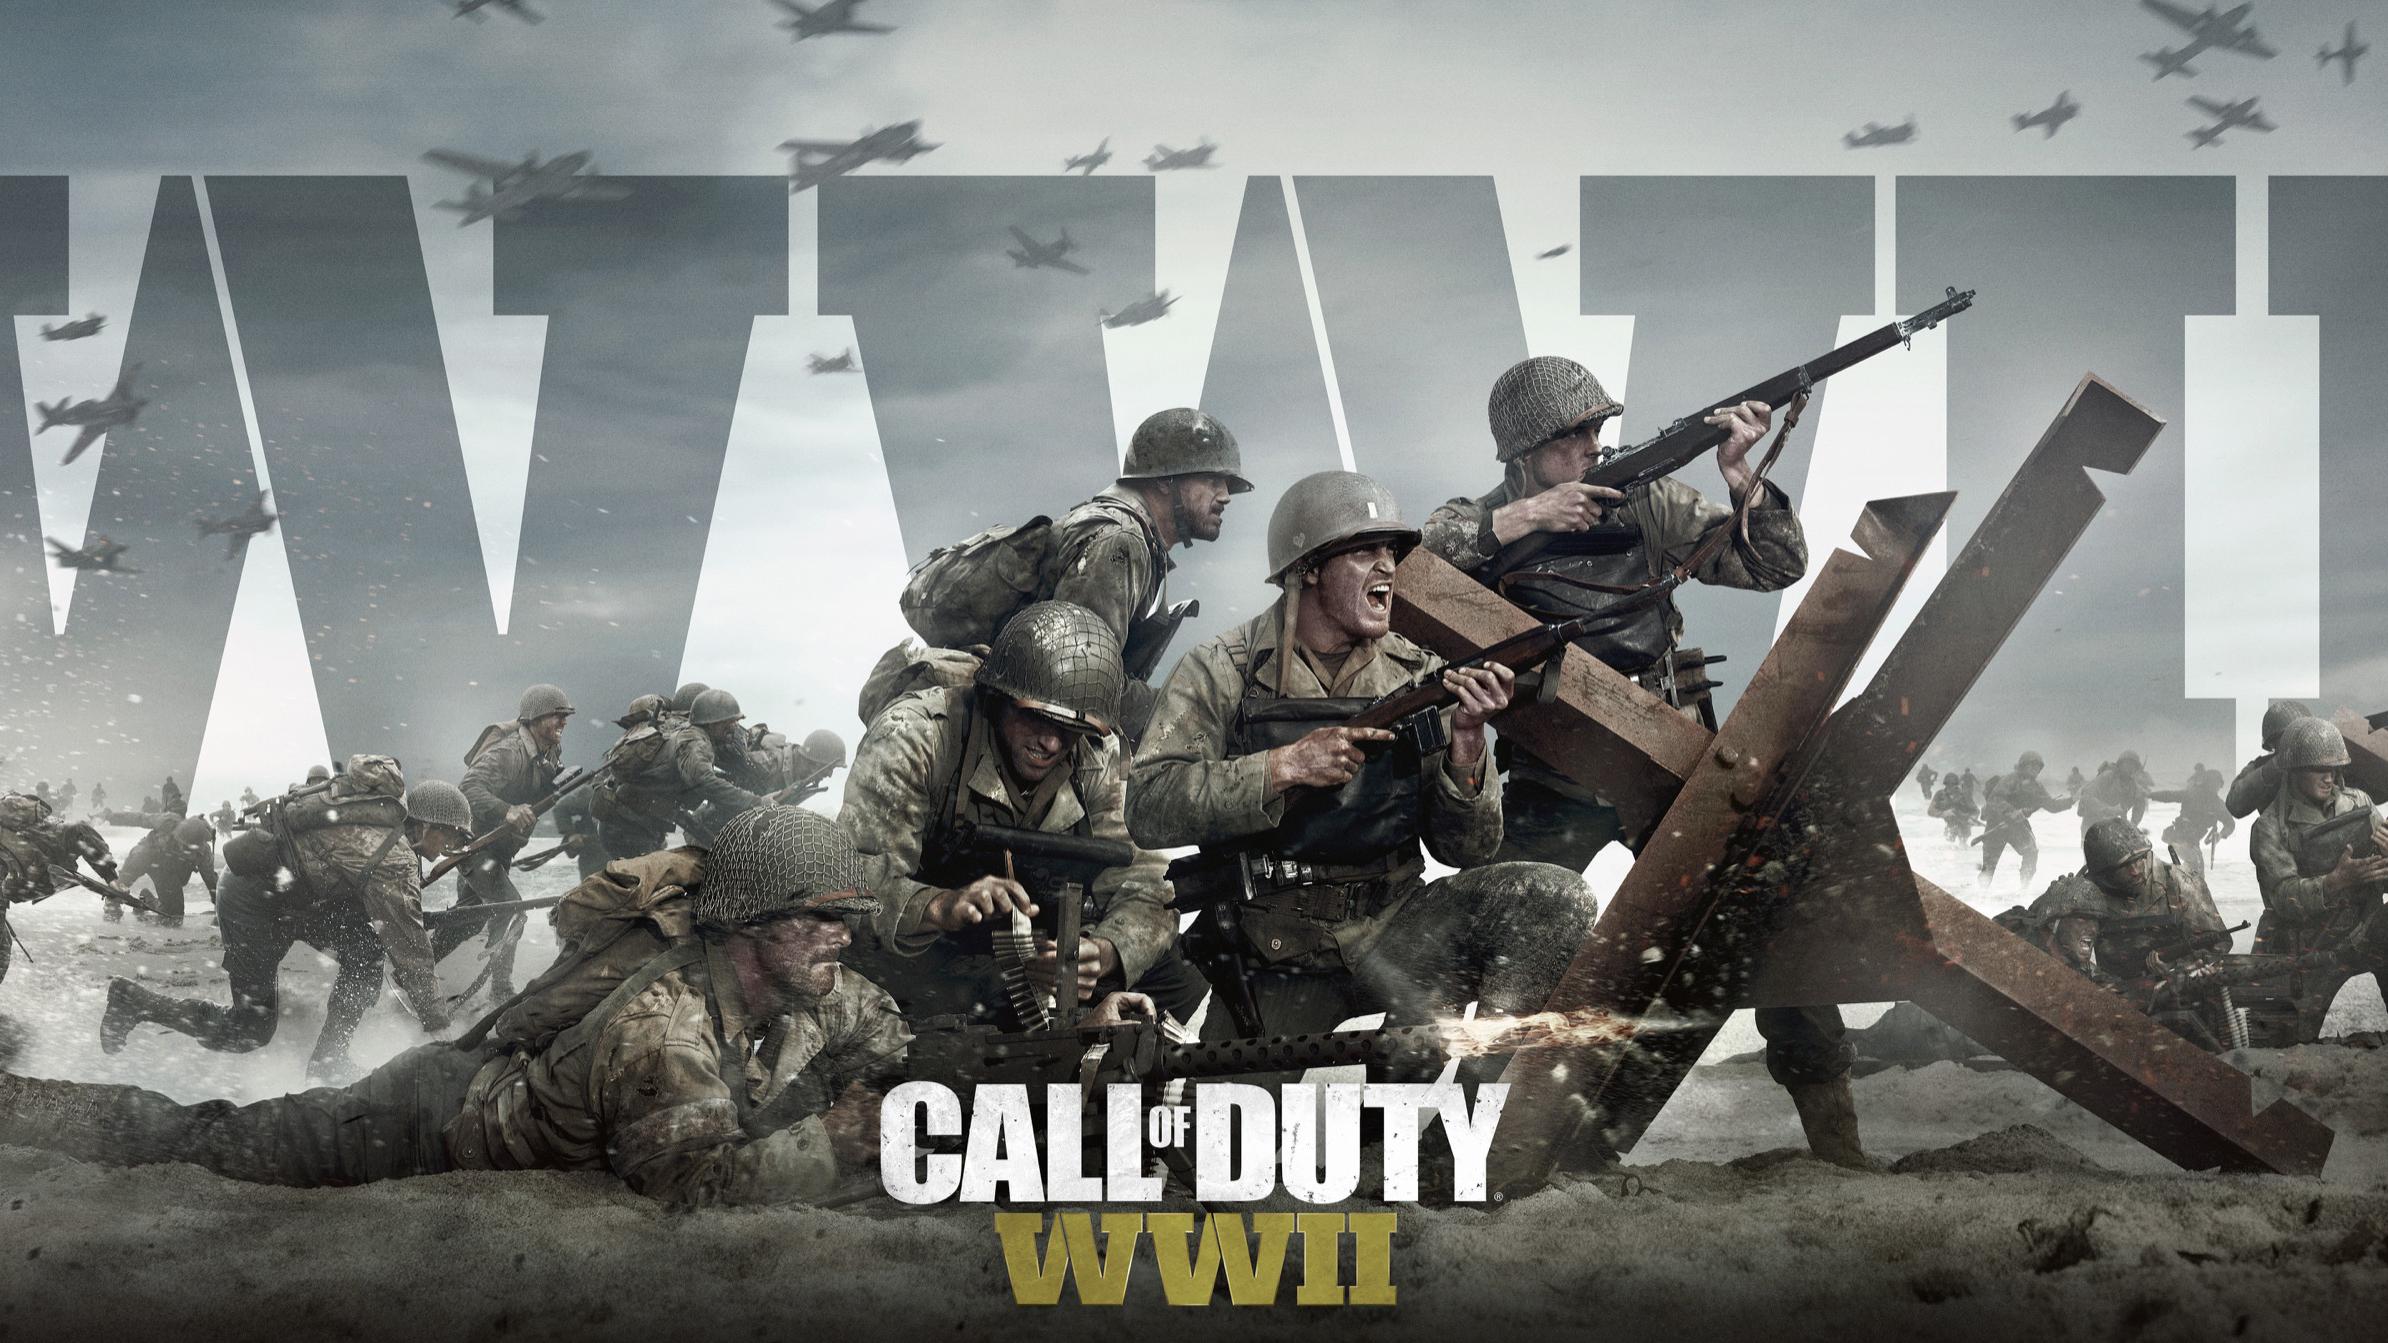 使命召唤14:二战 (Call of Duty: WWII)【新版v1.25.2244937】插图4